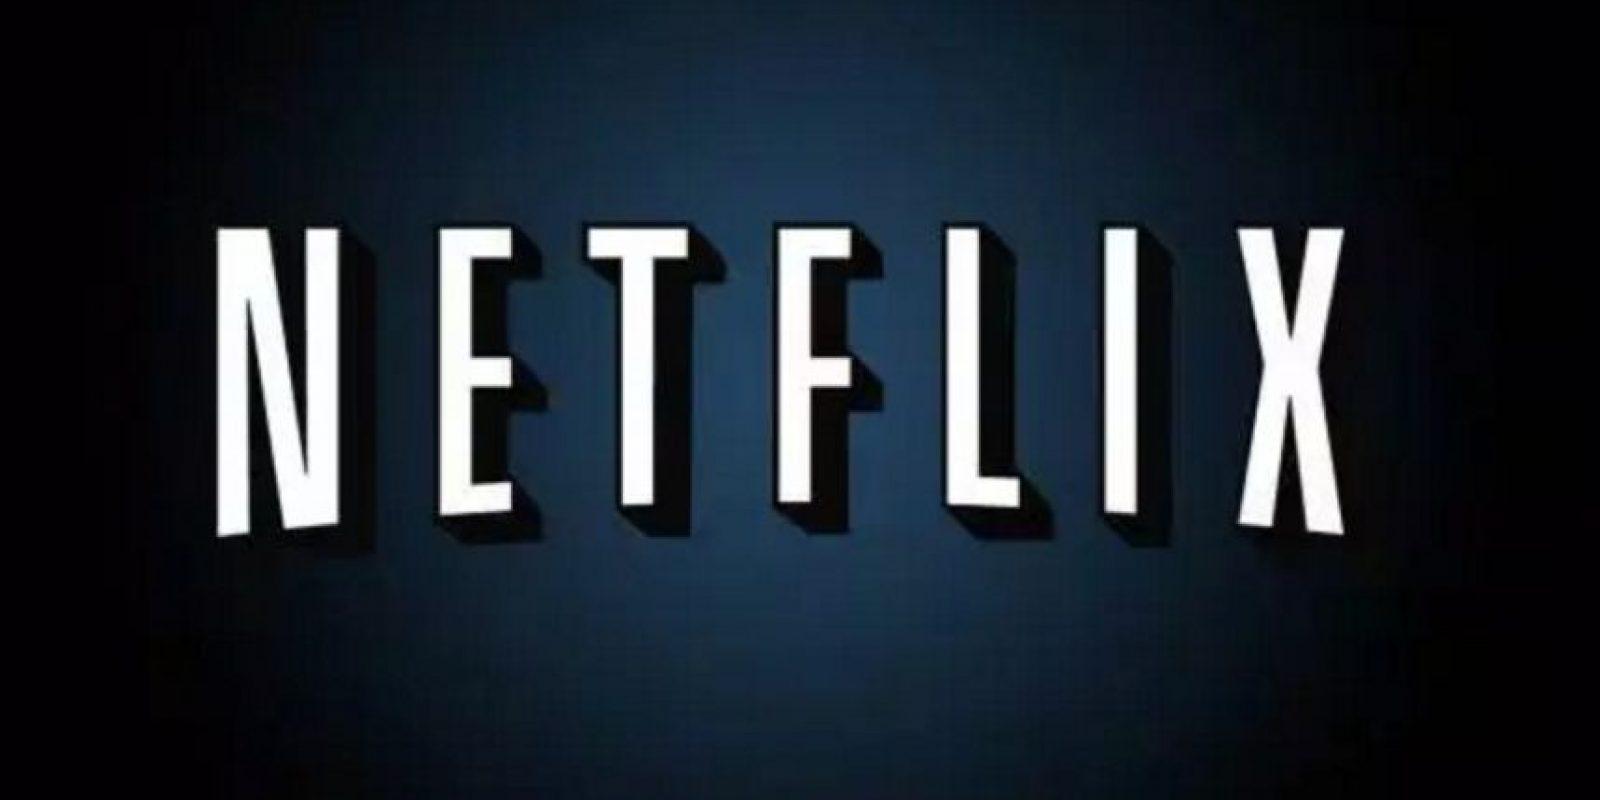 Narra la historia de una familia, amigos y la policía local dentro de una trama llena de misterio, desapariciones y experimentos secretos. Foto:Netflix